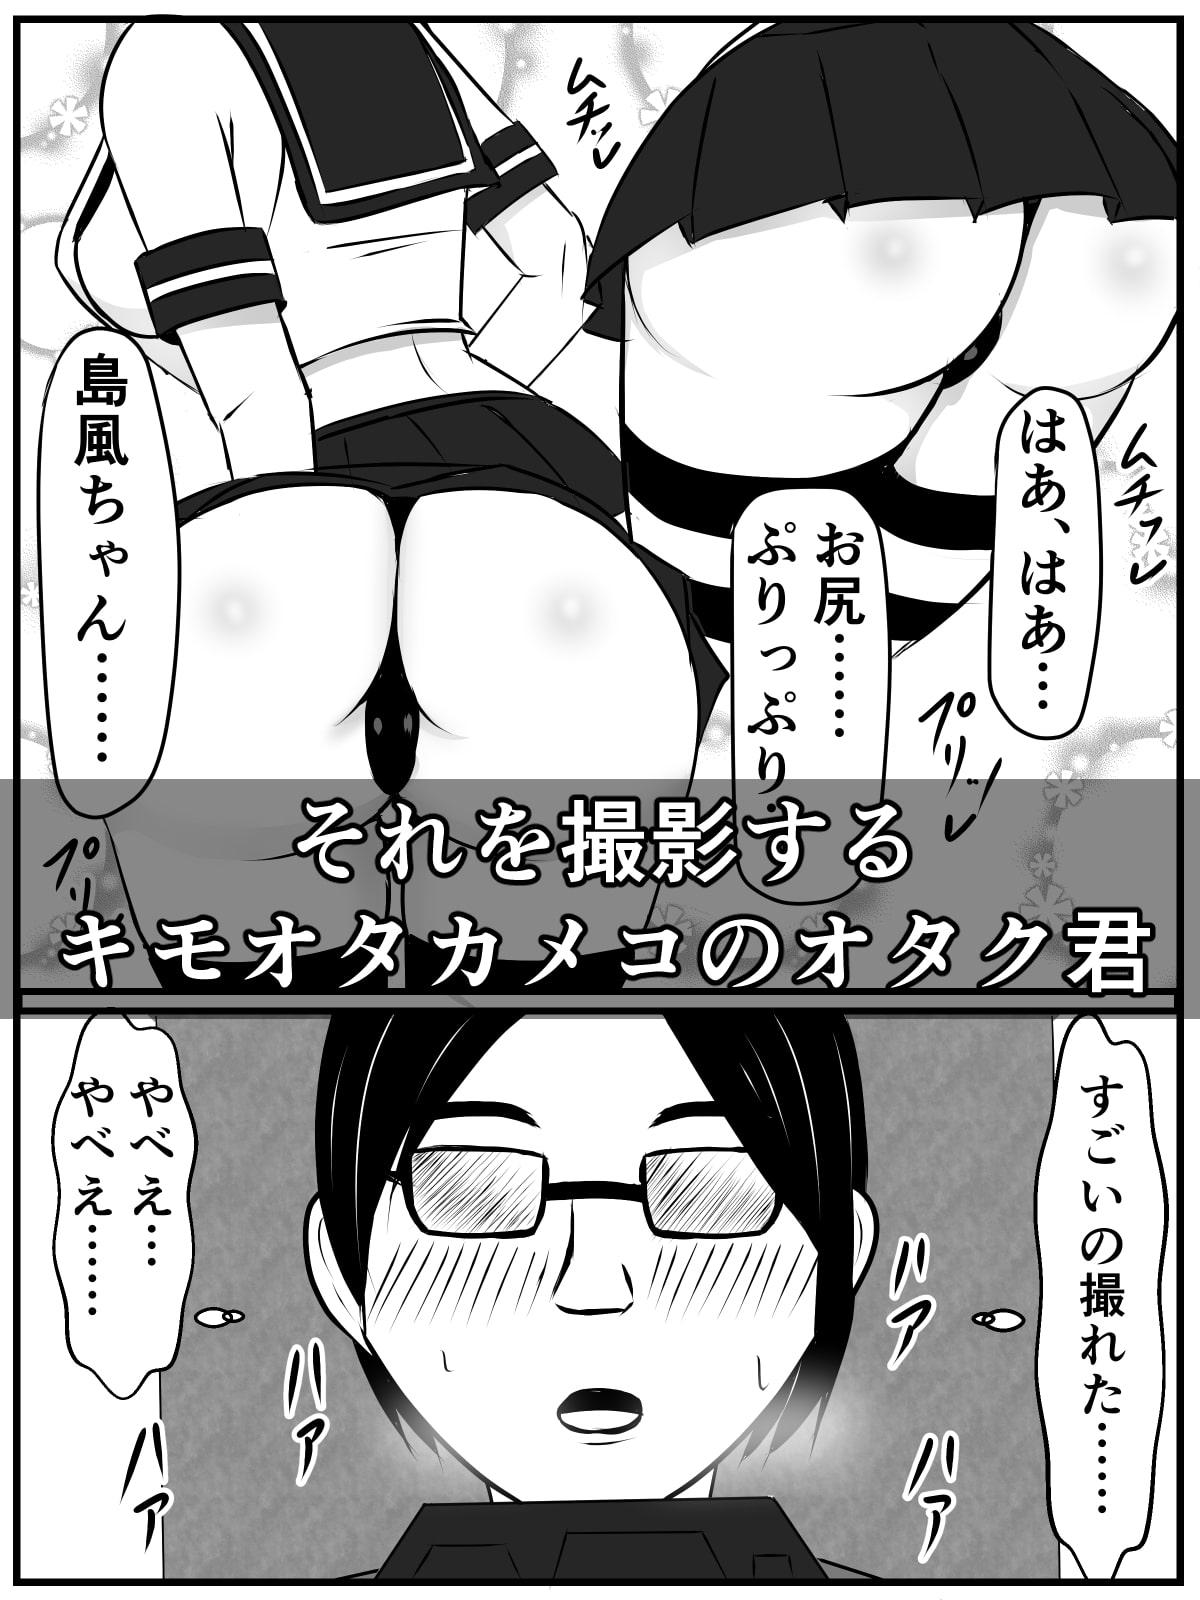 コスプレイヤー島風ちゃんが潜水艦級短小チ〇ポをひっぱたきながら搾る話